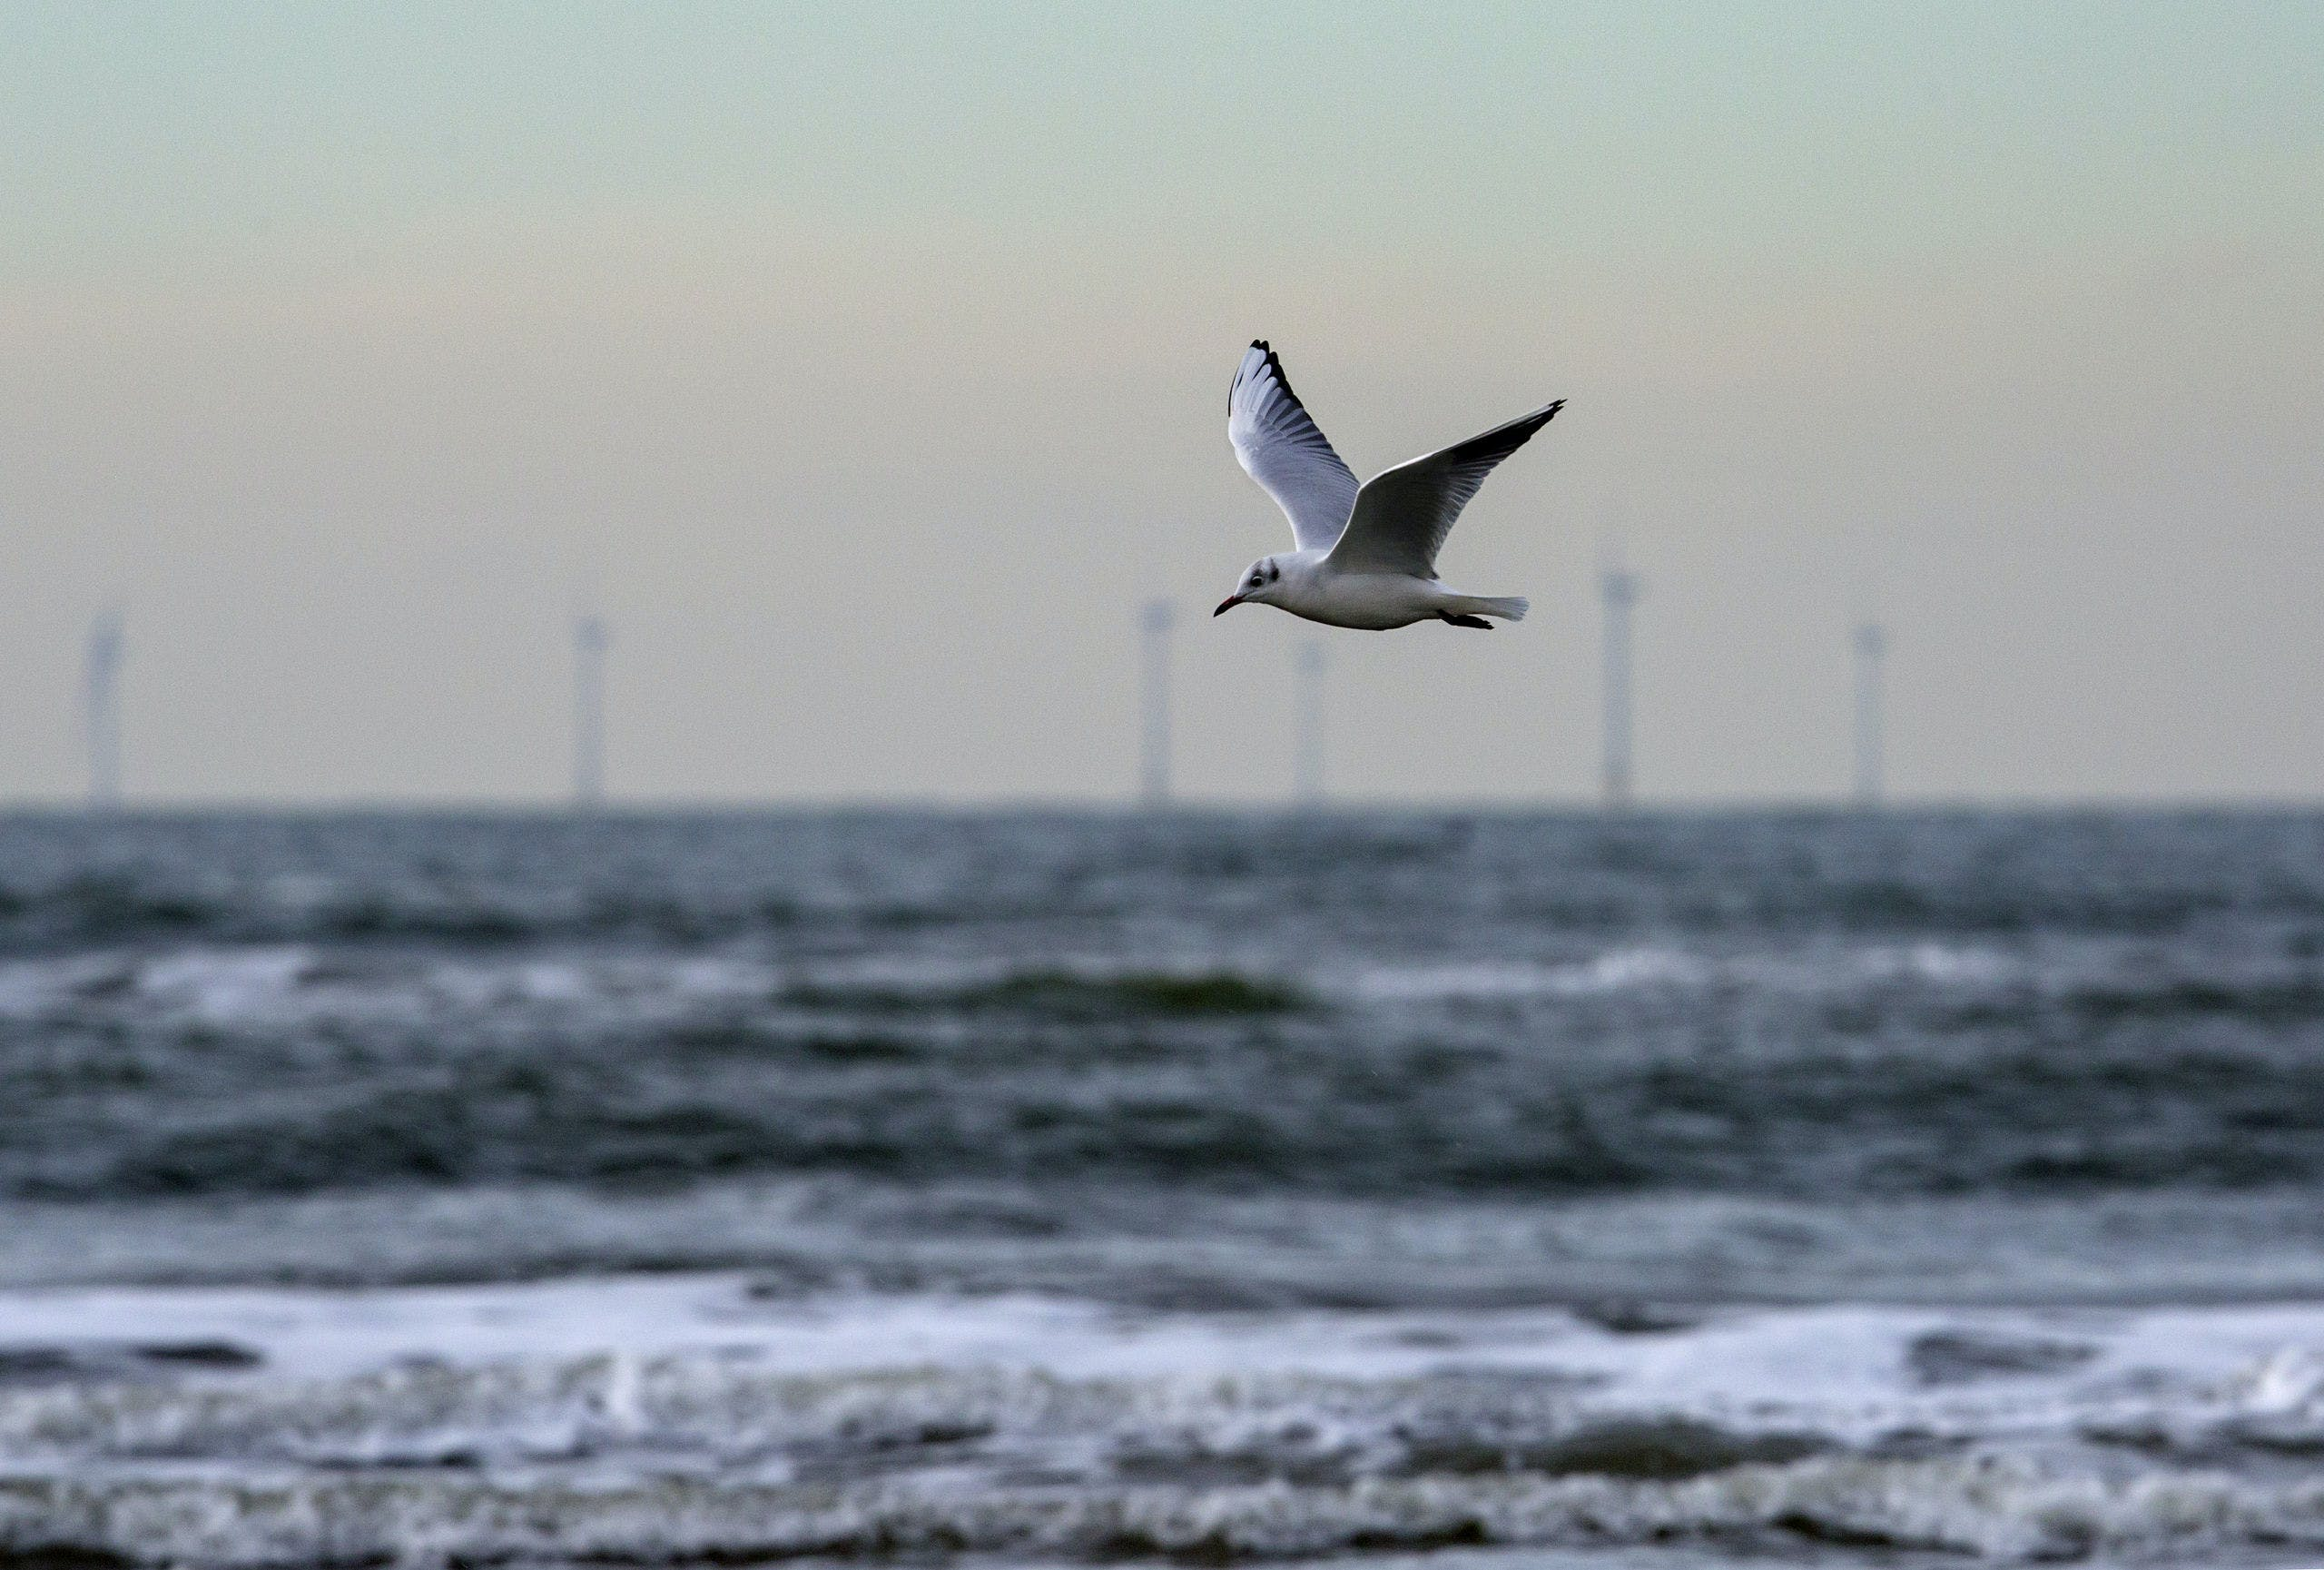 Nederland, Egmond aan Zee.